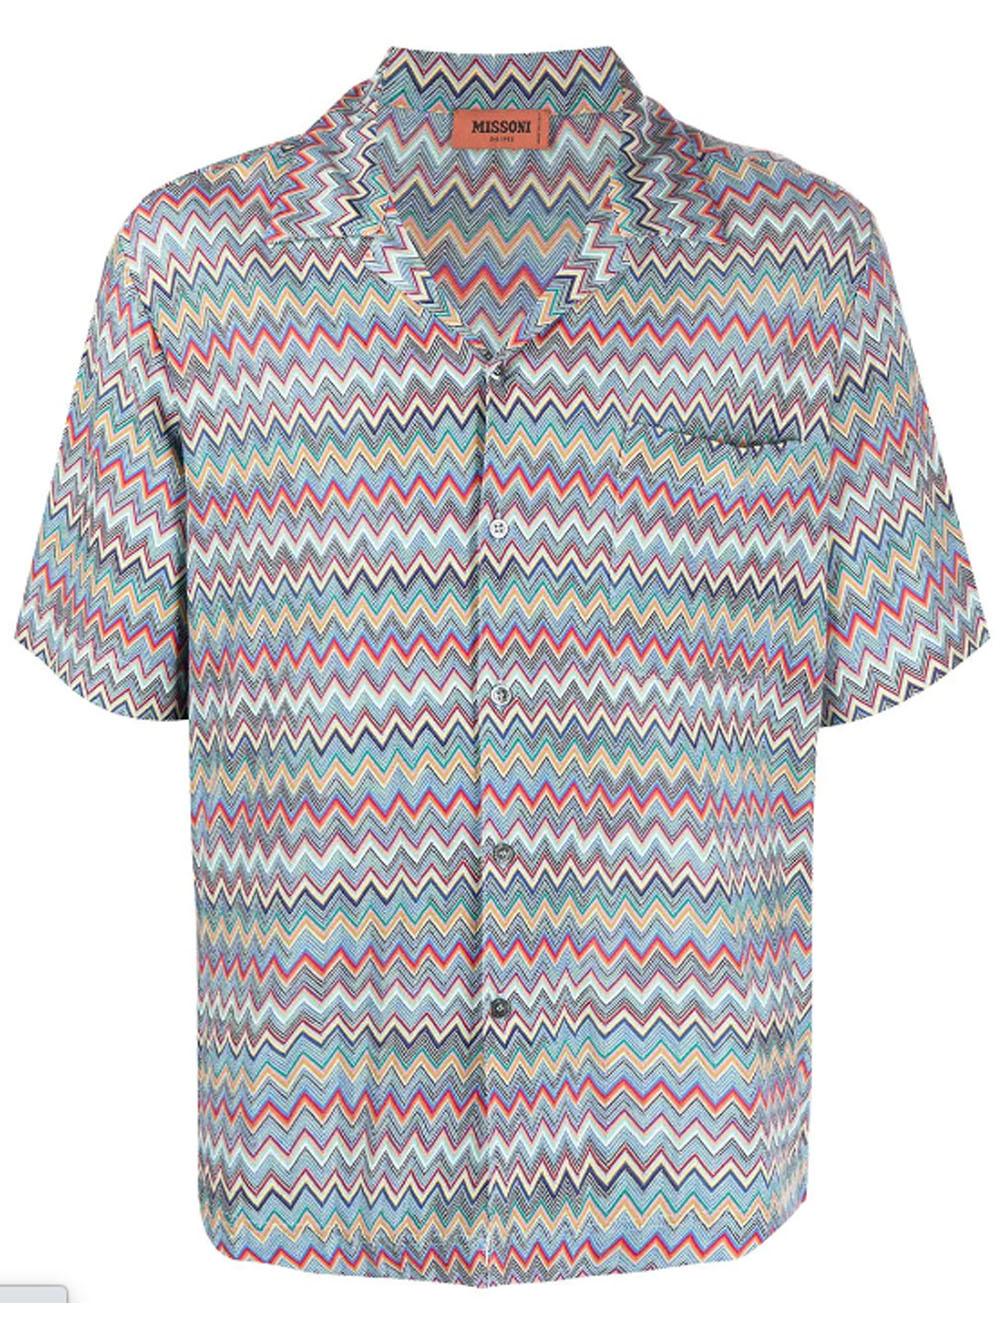 Camicia con stampa a zigzag